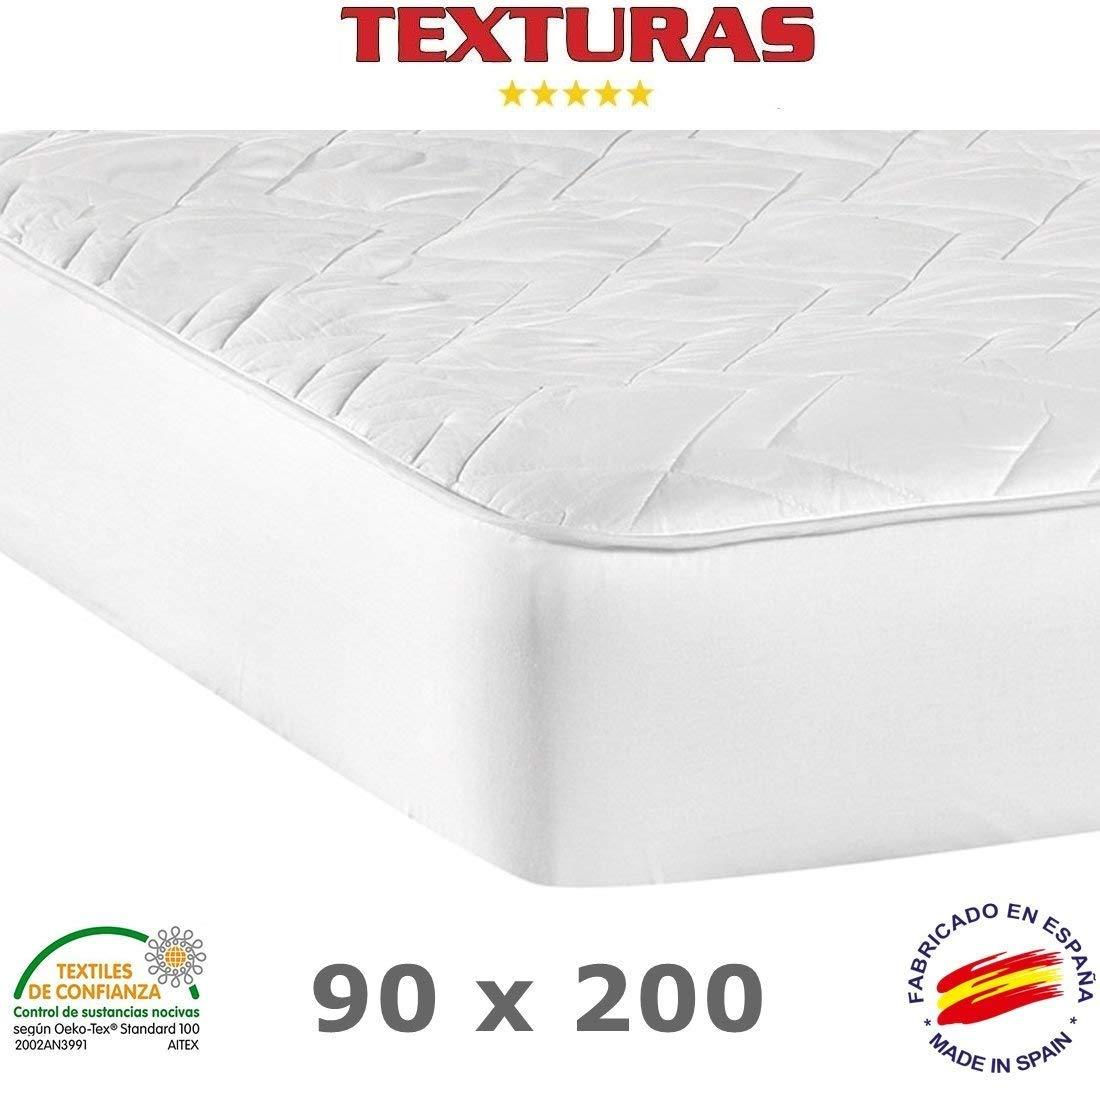 TEXTURAS BASICS - Protector de Colchón ACOLCHADO de microfibra para Hotel y Apartamentos ECONOMY (Varios tamaños disponibles)  (90_x_190_cm): Amazon.es: ...